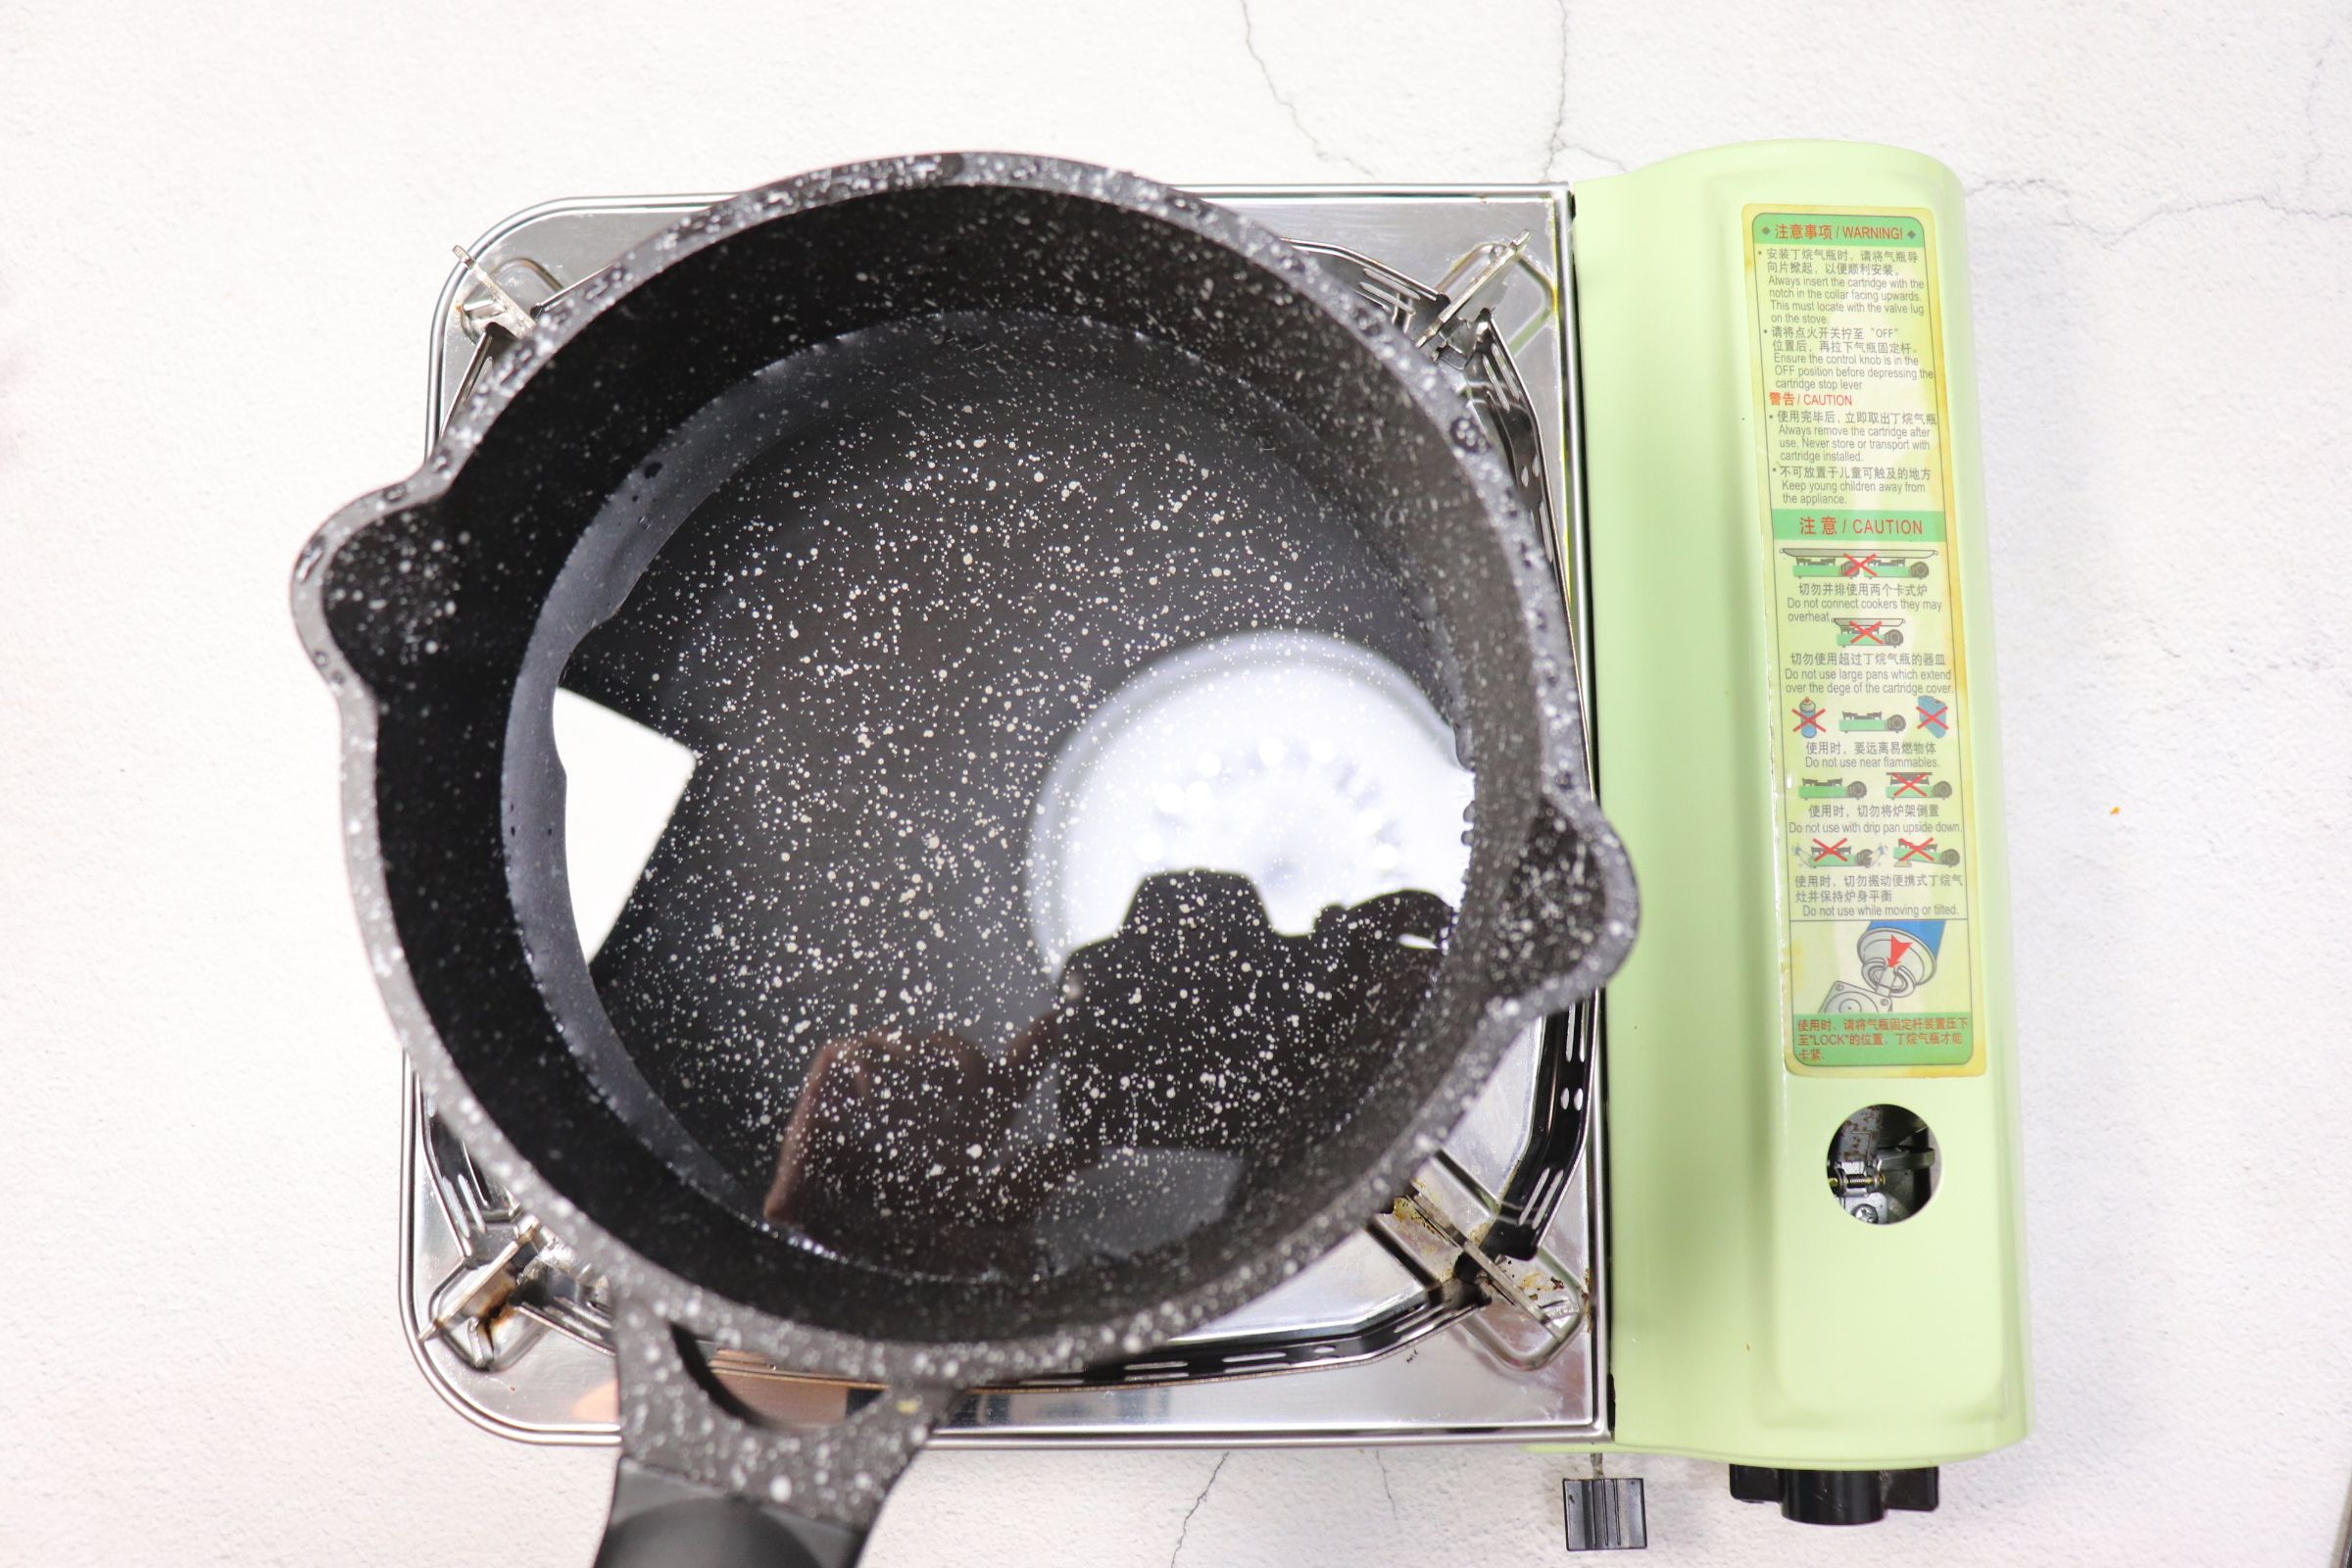 冬日暖身饮品~红糖姜枣煮蛋的做法图解